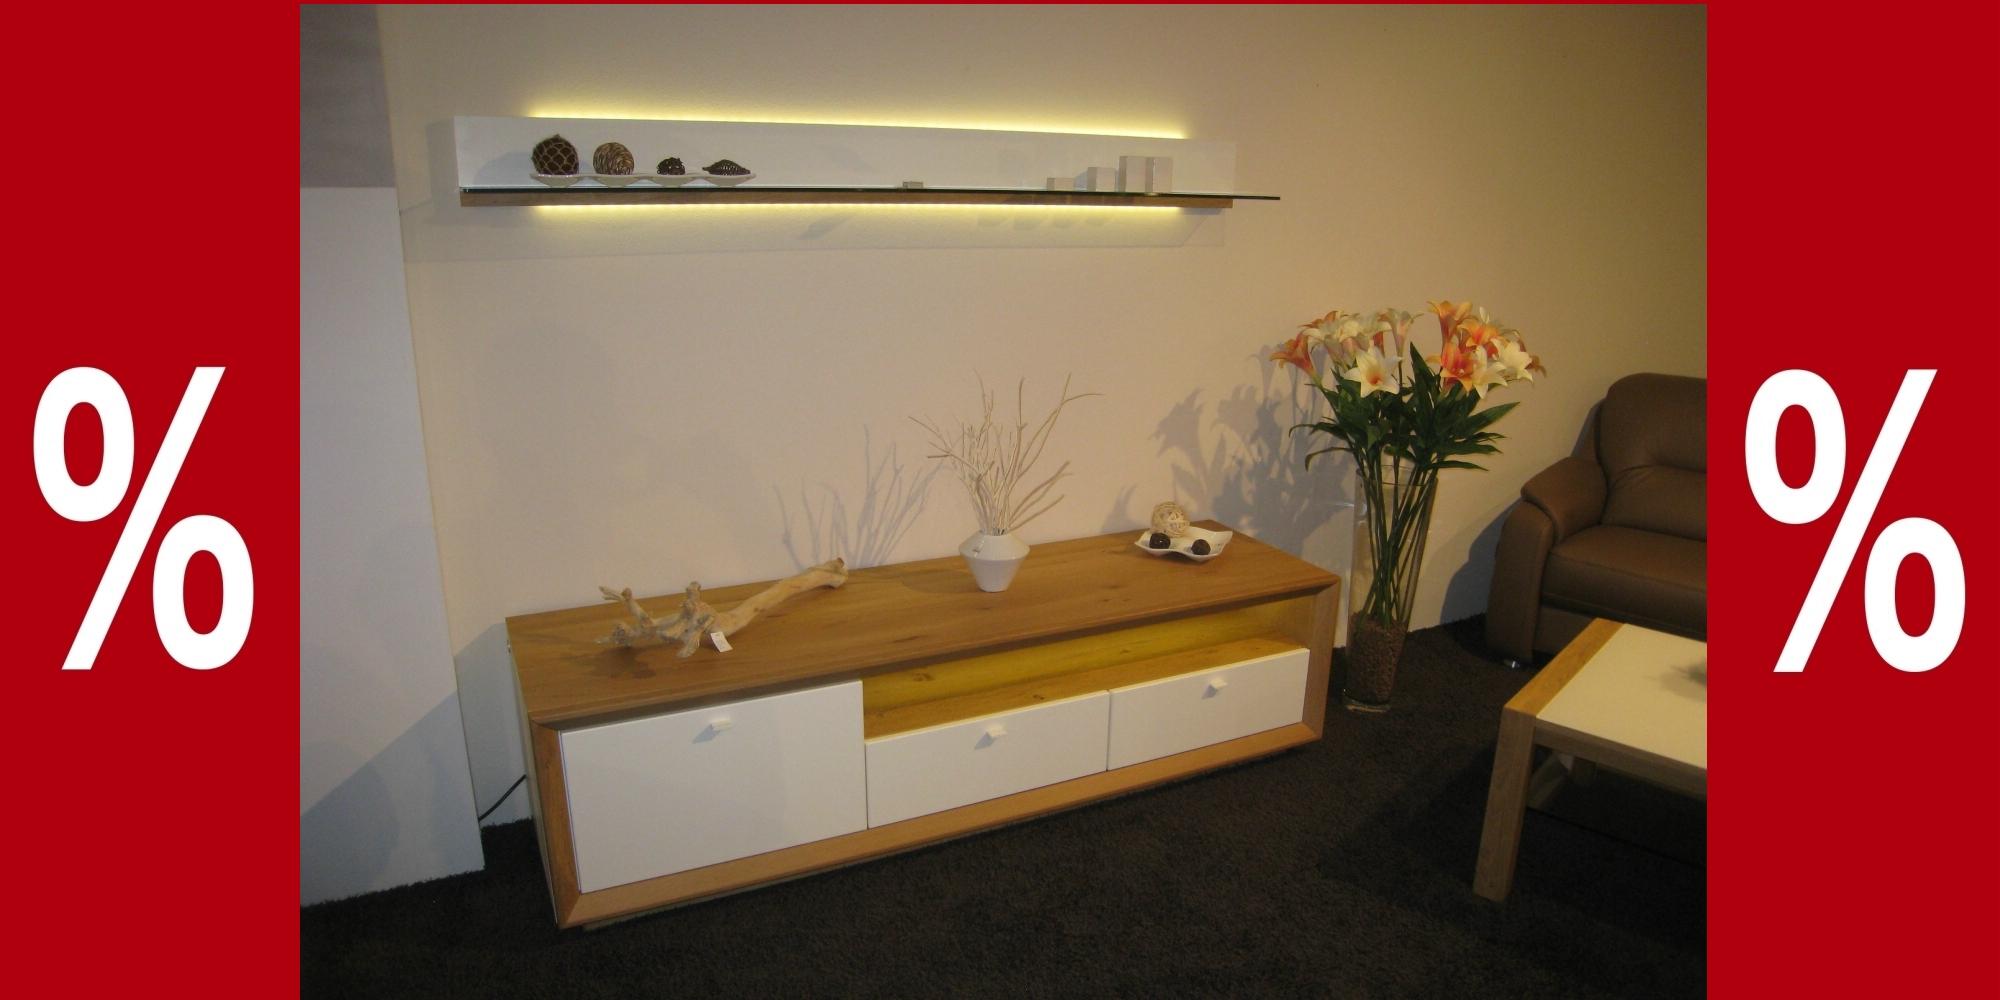 cremona m bel wildeiche interessante ideen f r die gestaltung eines raumes in. Black Bedroom Furniture Sets. Home Design Ideas